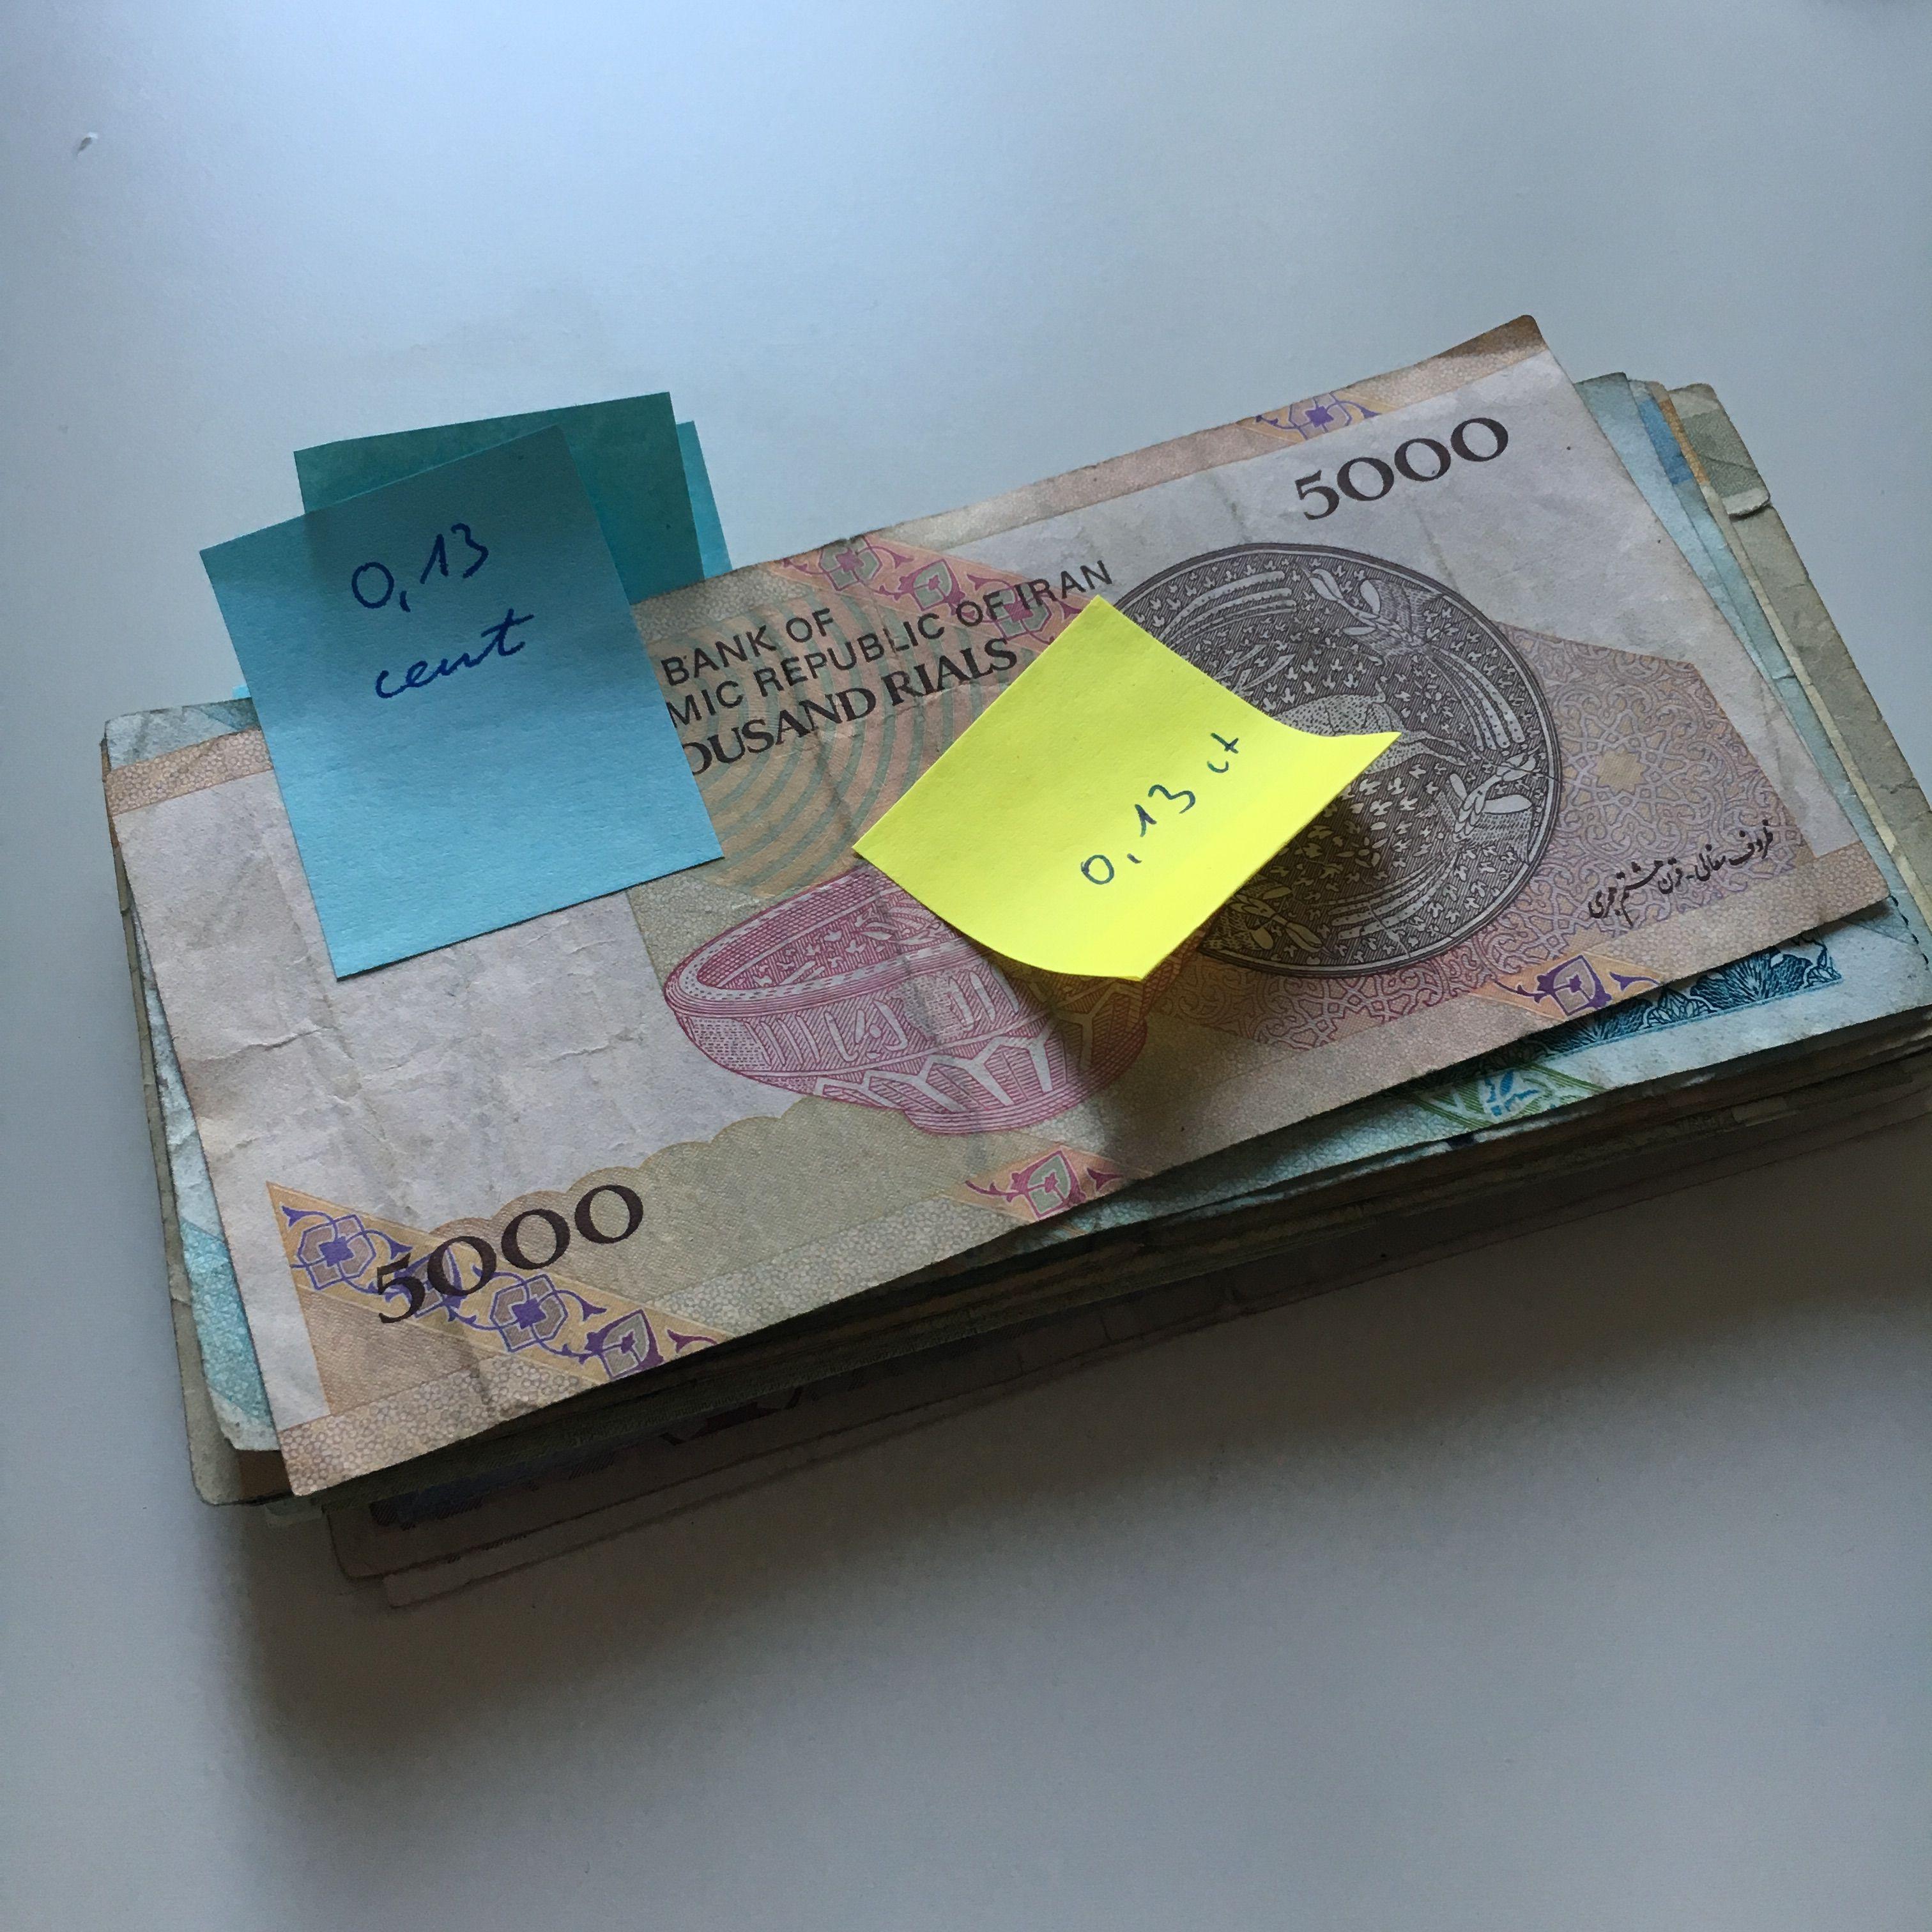 Plötzlich Millionärin – wie viel kostet ein Auslandsjahr in Iran?